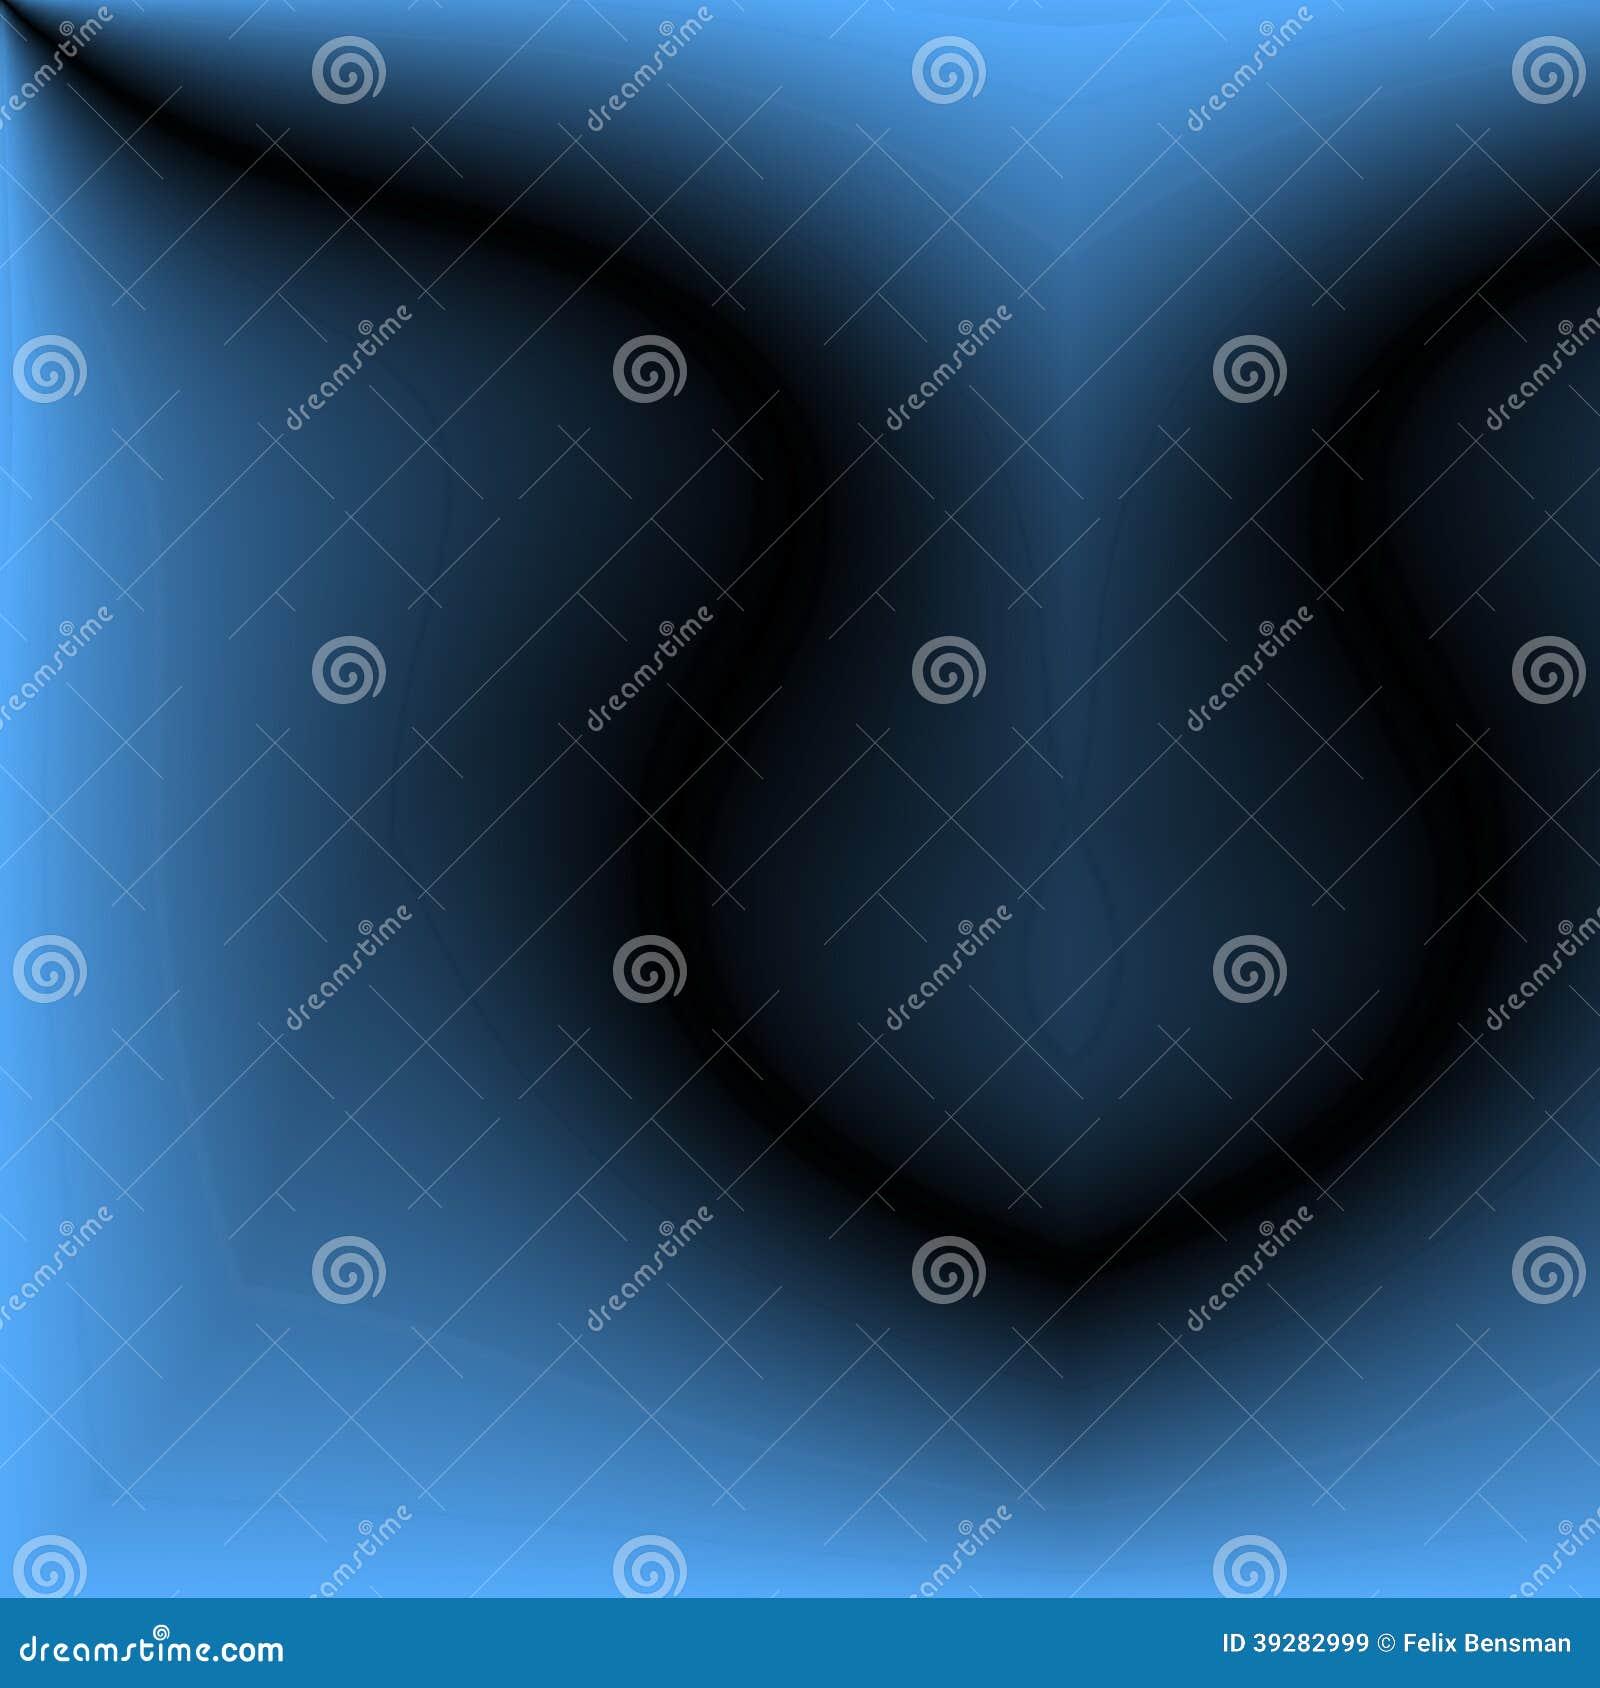 Abstract blauw beeld van geborstelde metaaloppervlakte.